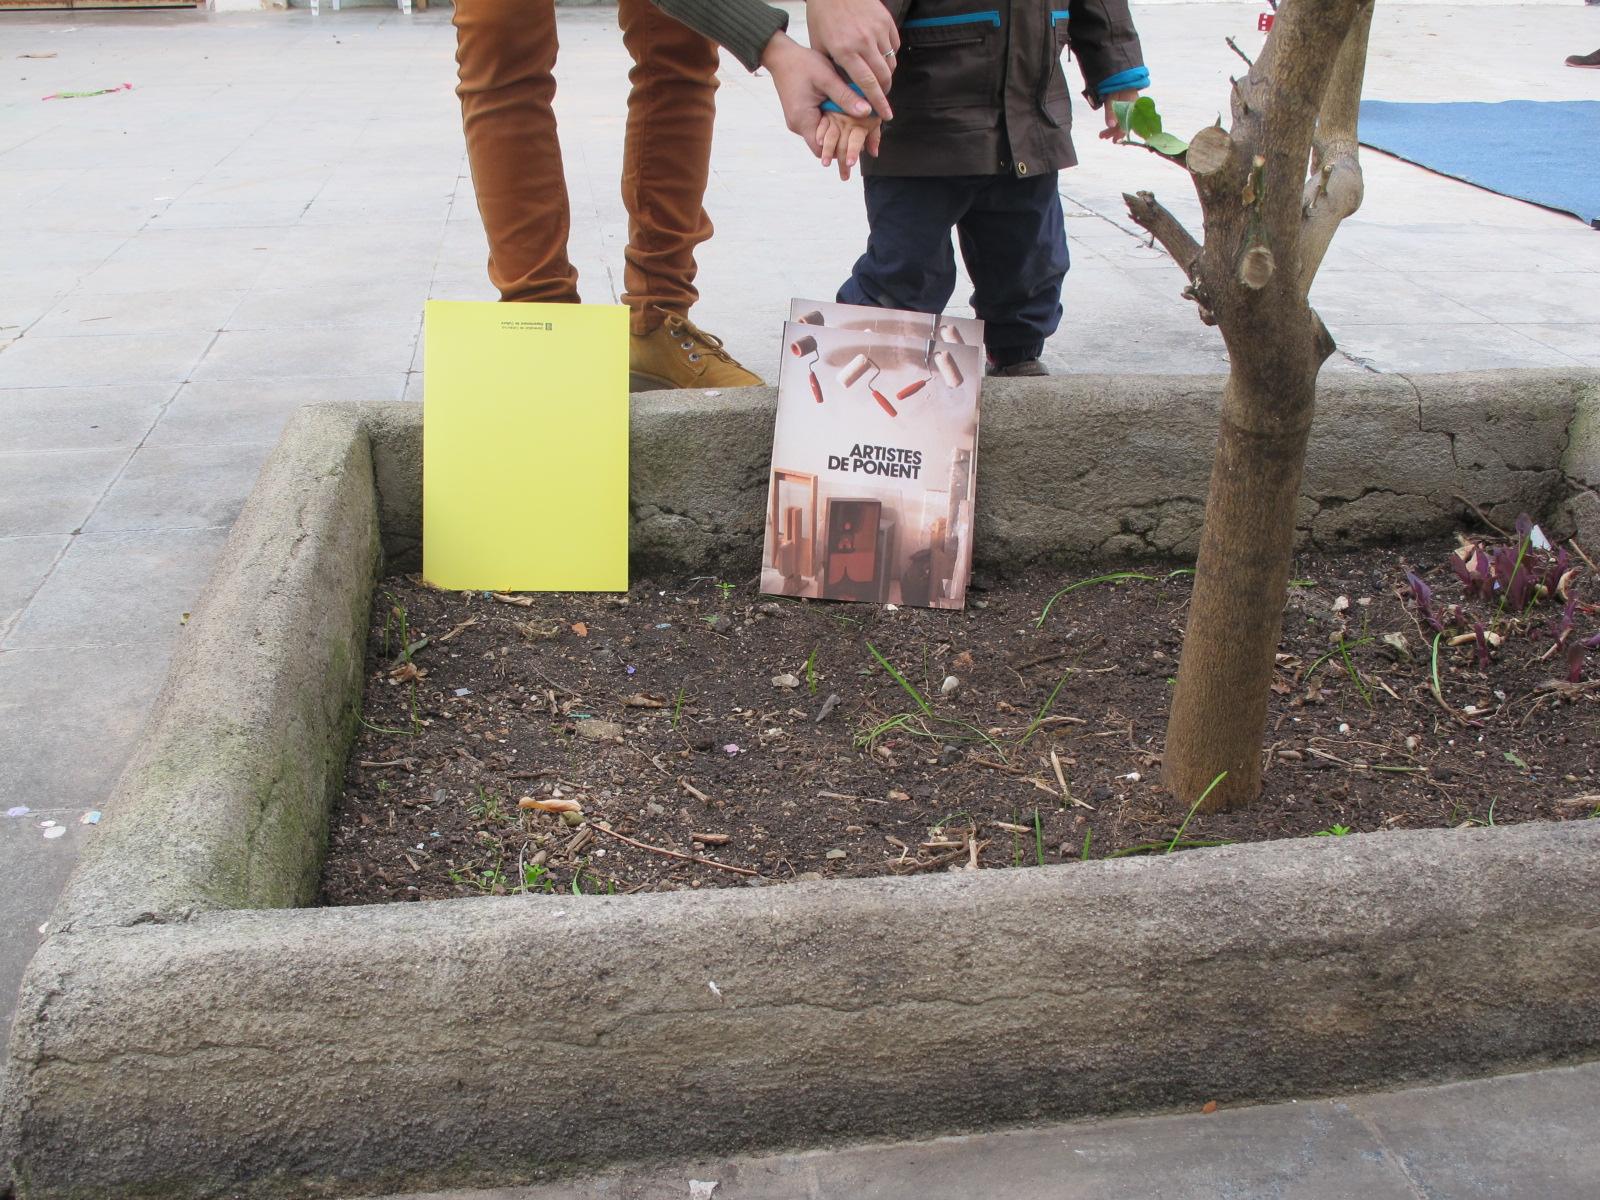 Plantar llibres, regar-los